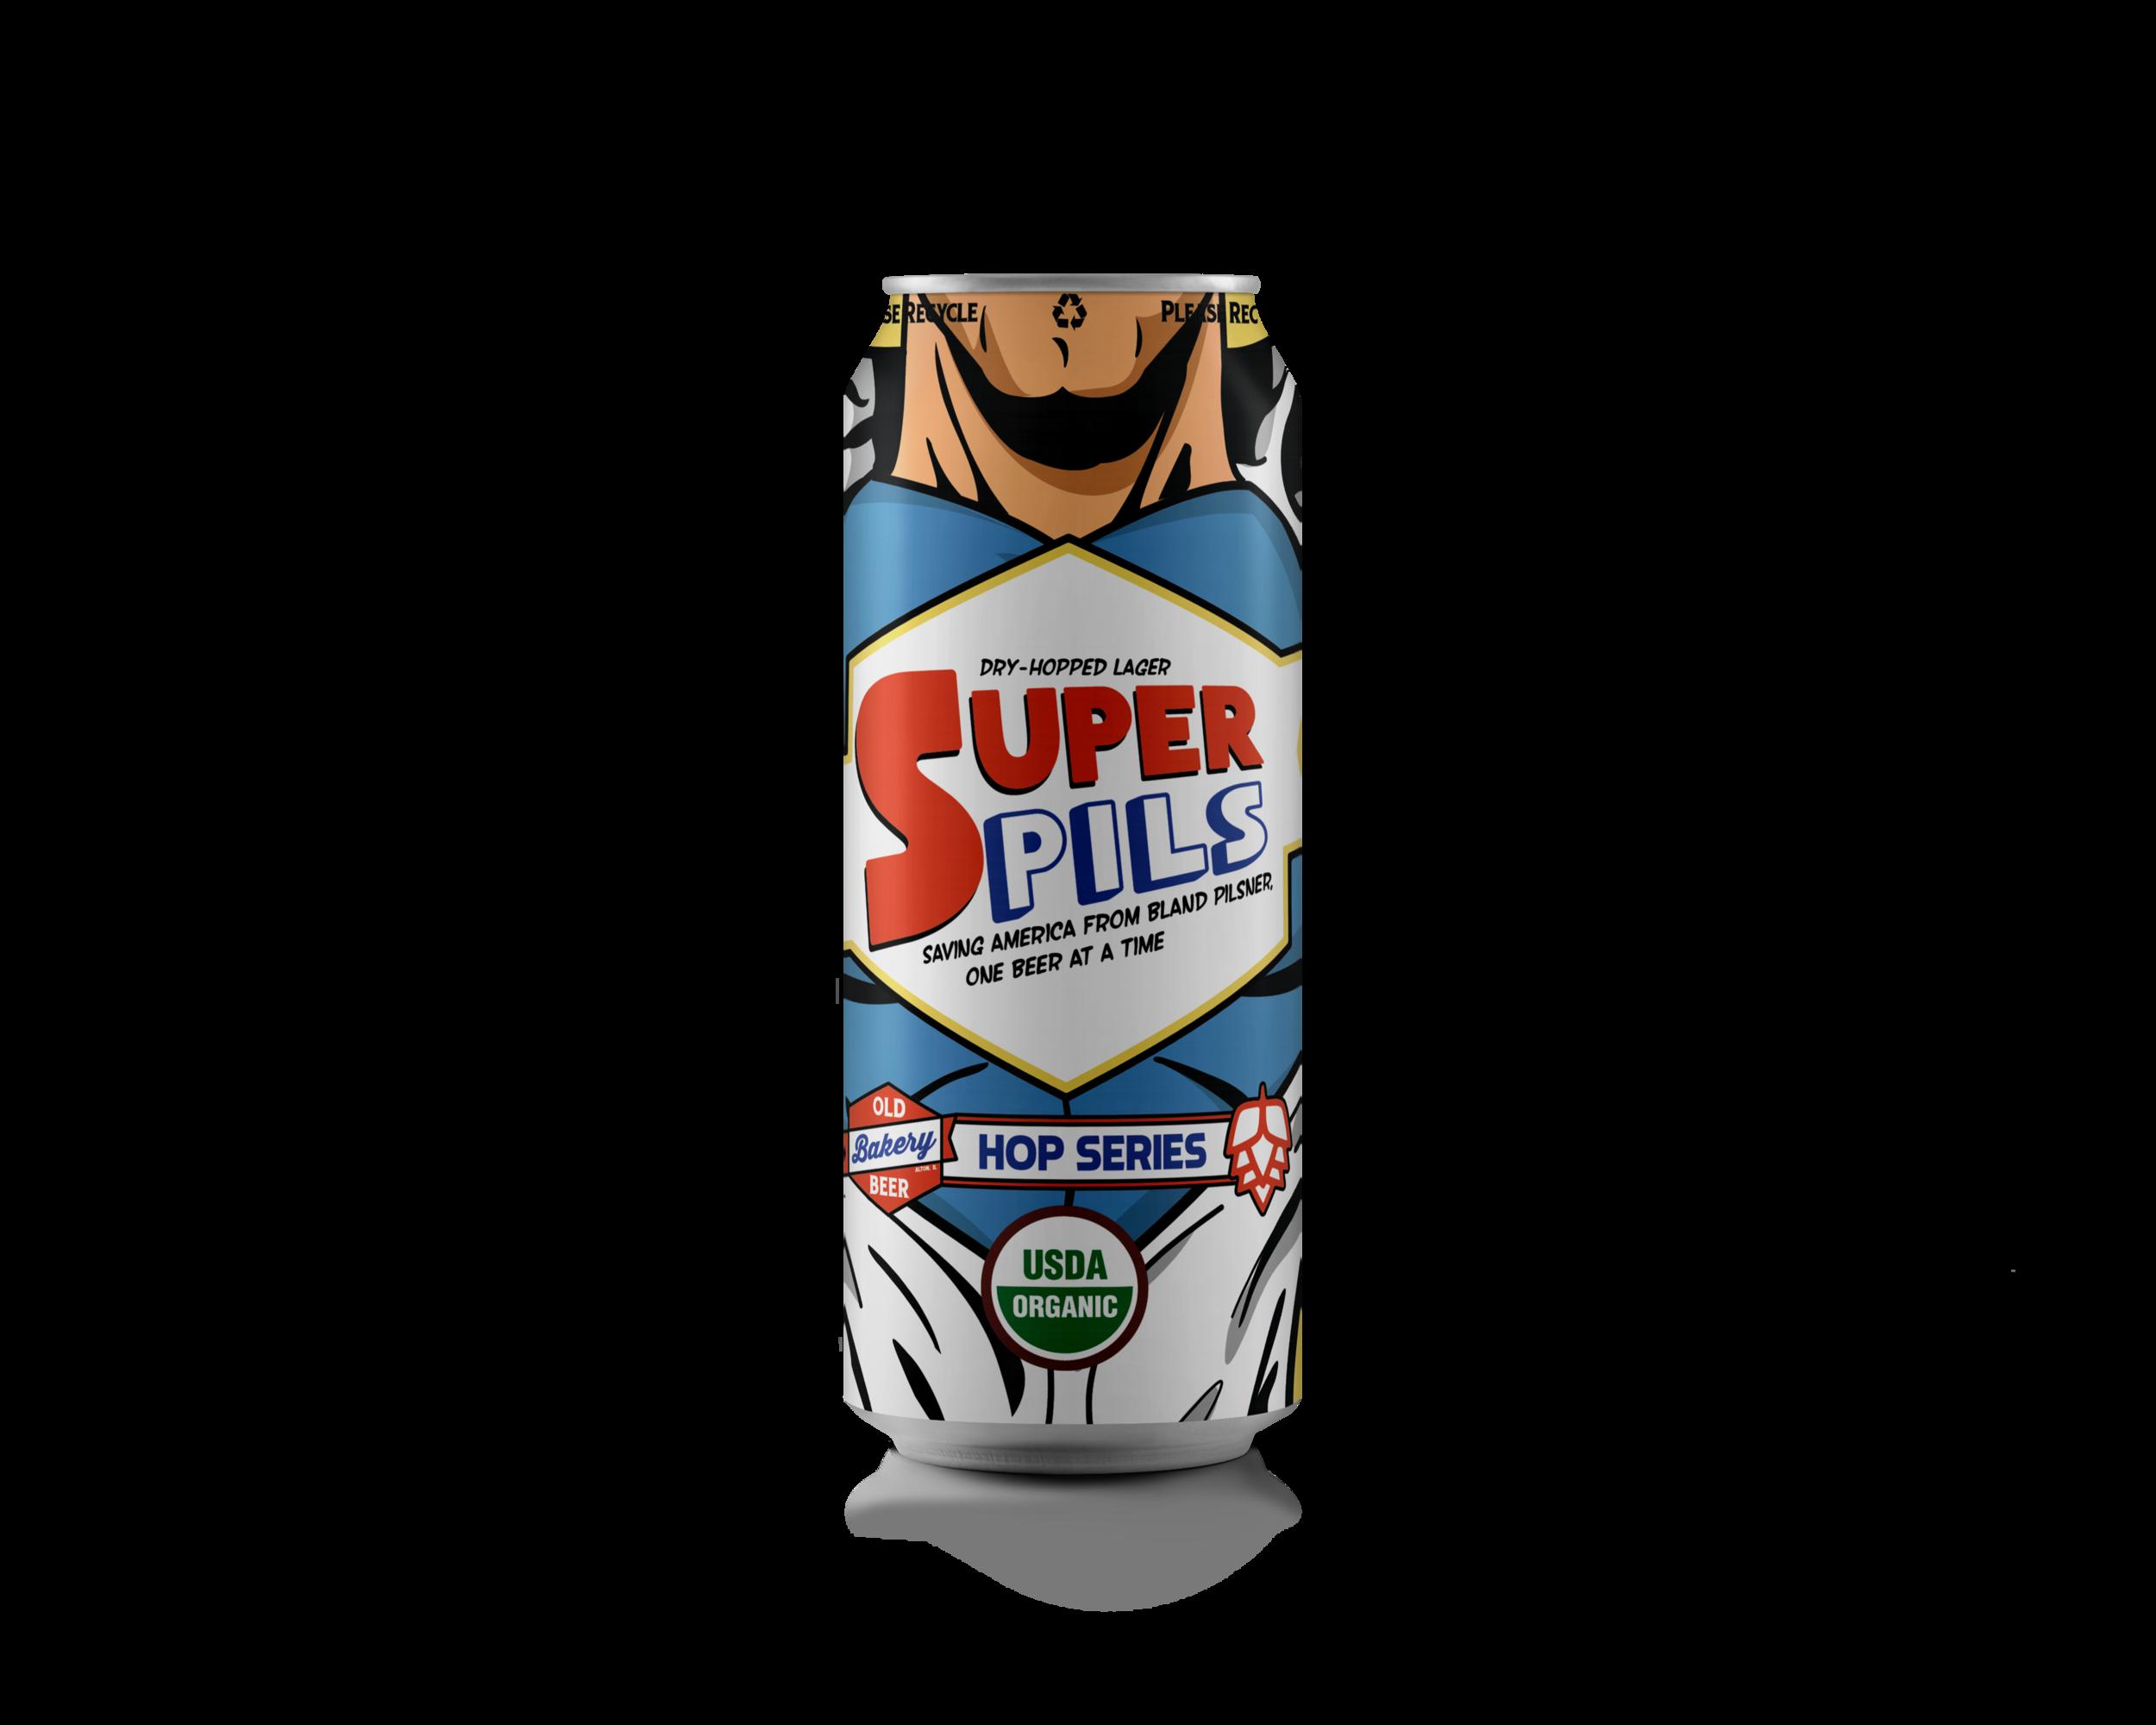 Super Pils Can Mockup nobg.png